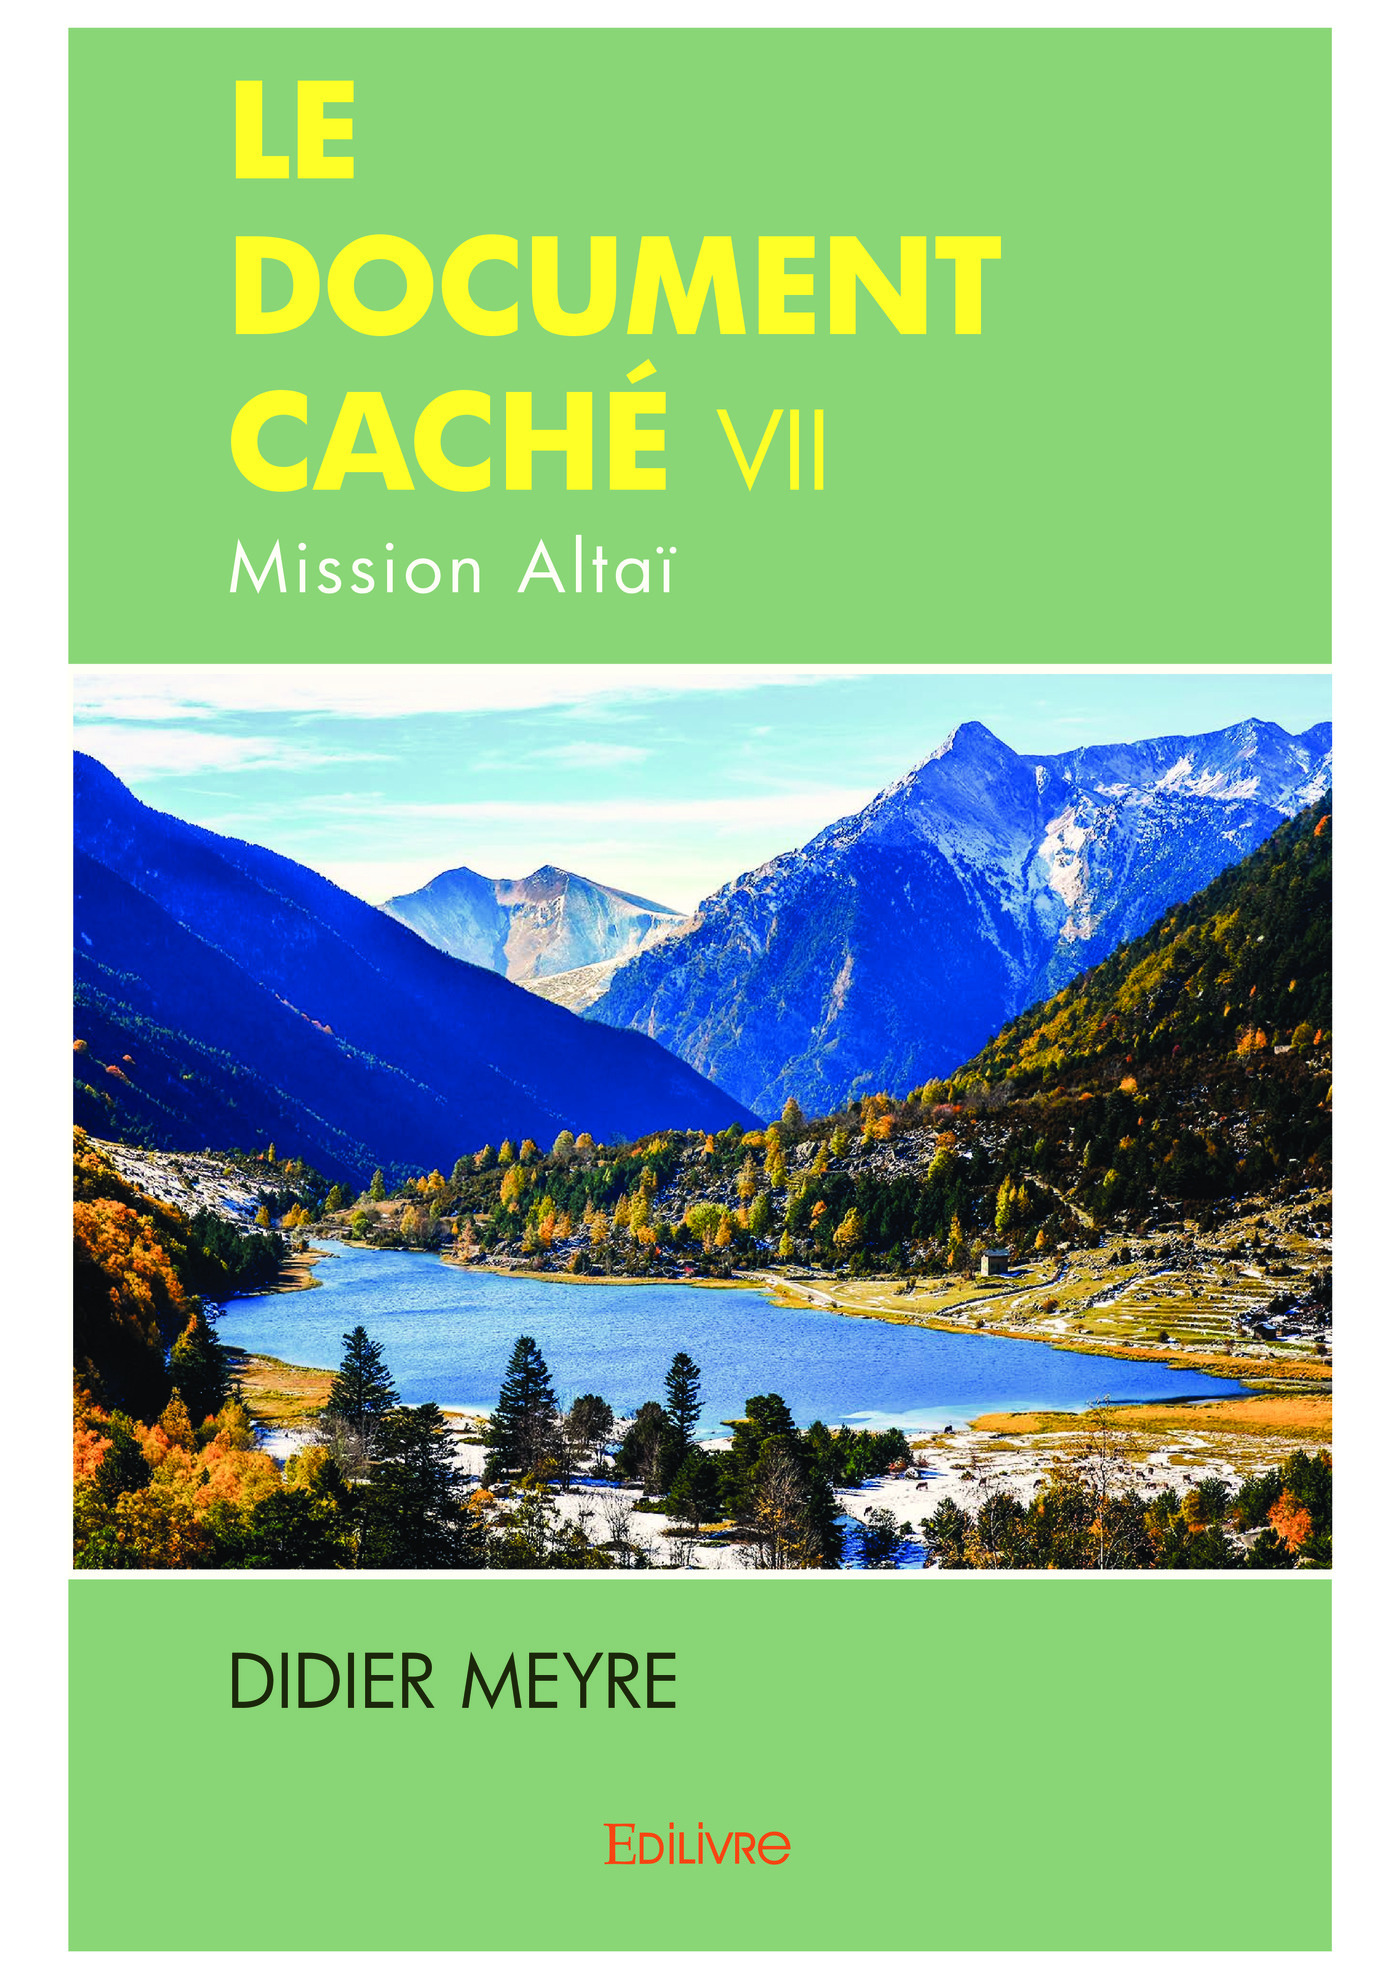 Le Document caché VII  - Didier Meyre